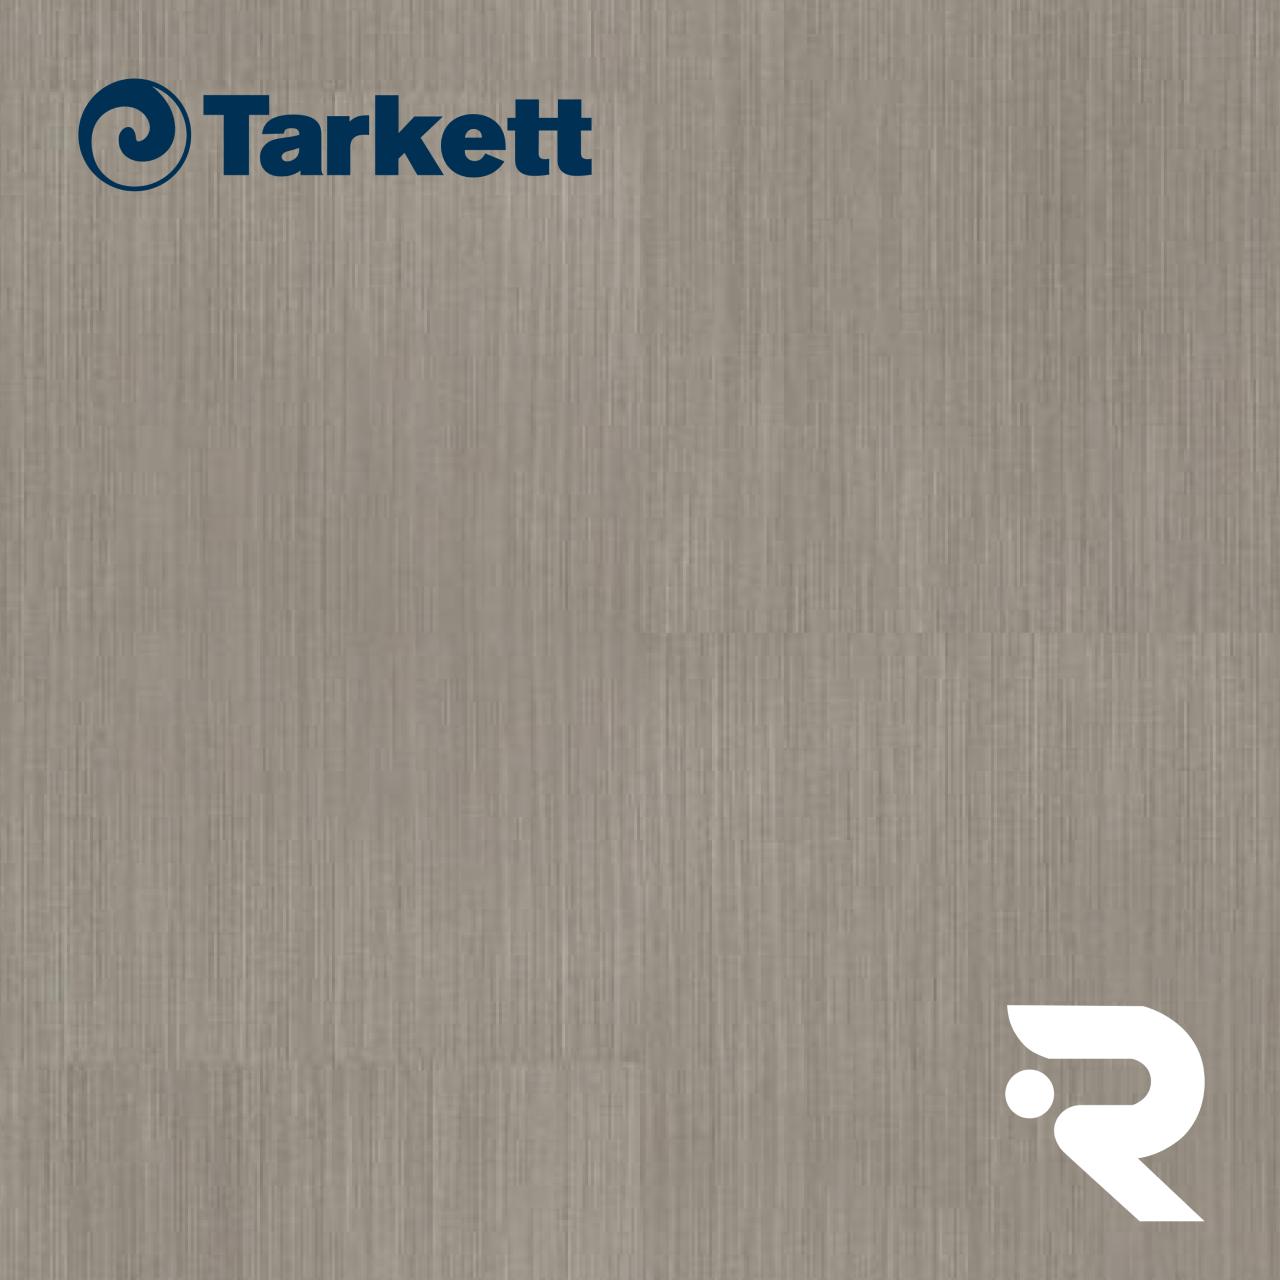 🌳 ПВХ плитка Tarkett | NEW AGE - VERNUM | Art Vinyl | 457 x 457 мм